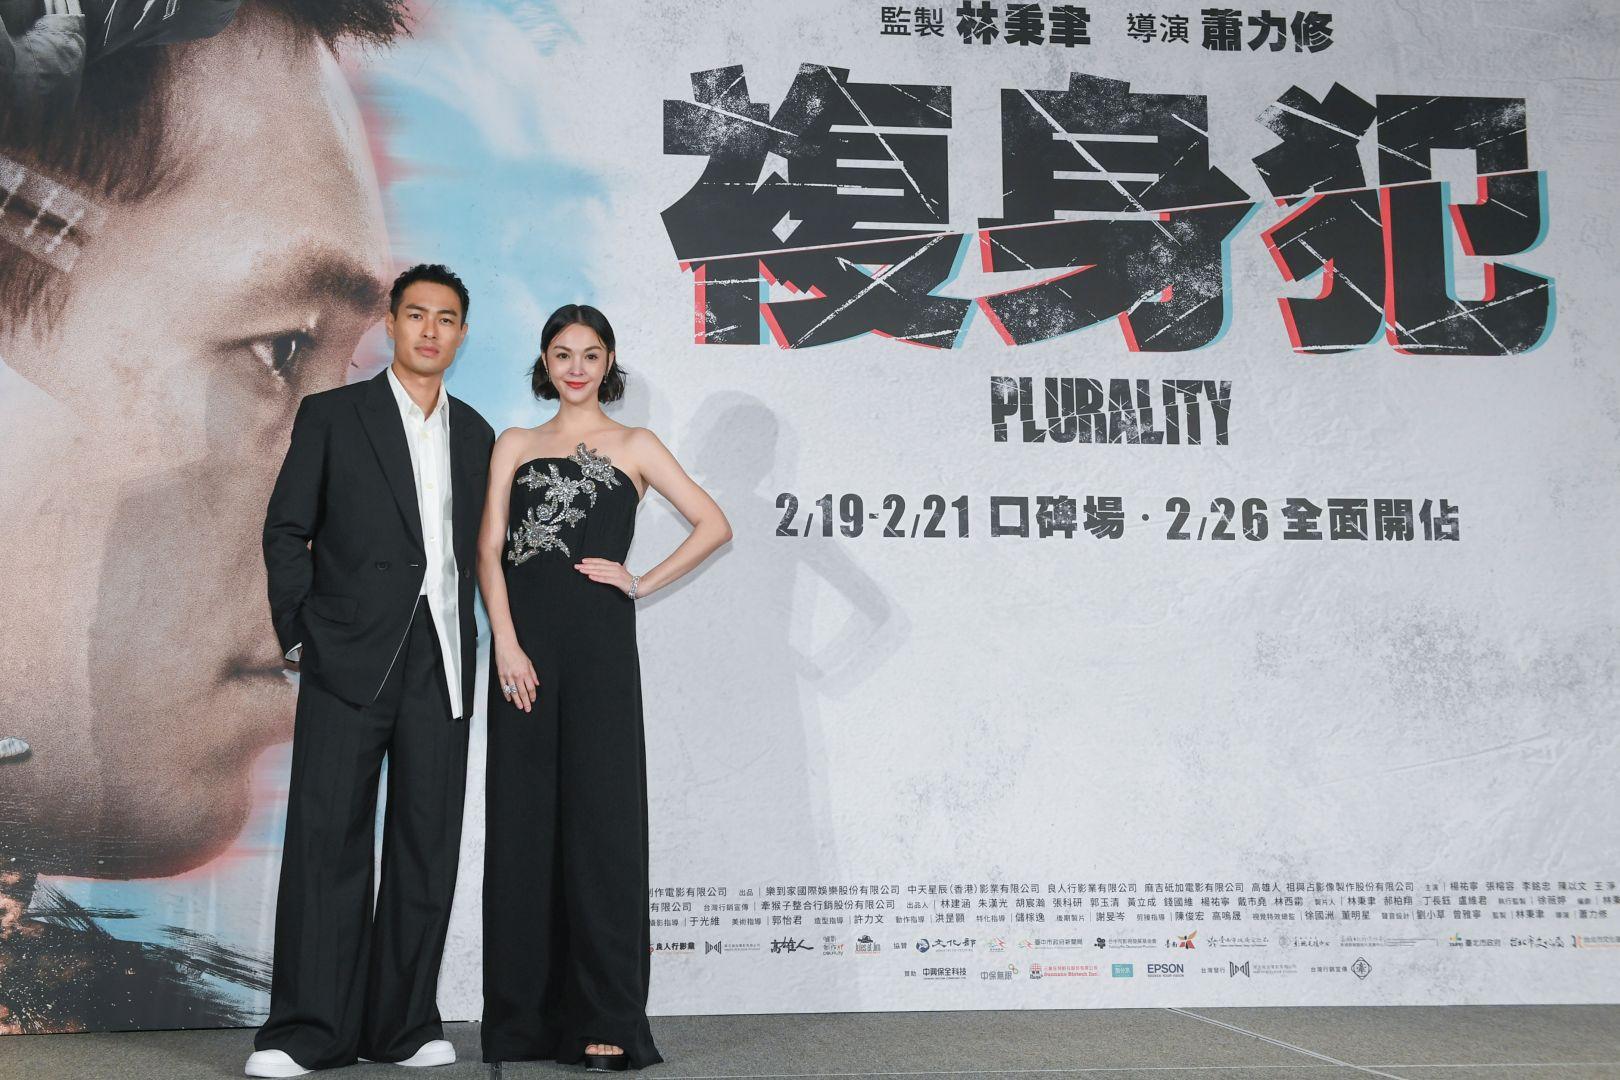 《複身犯》記者會男主角楊祐寧(左)、女主角張榕容(右)